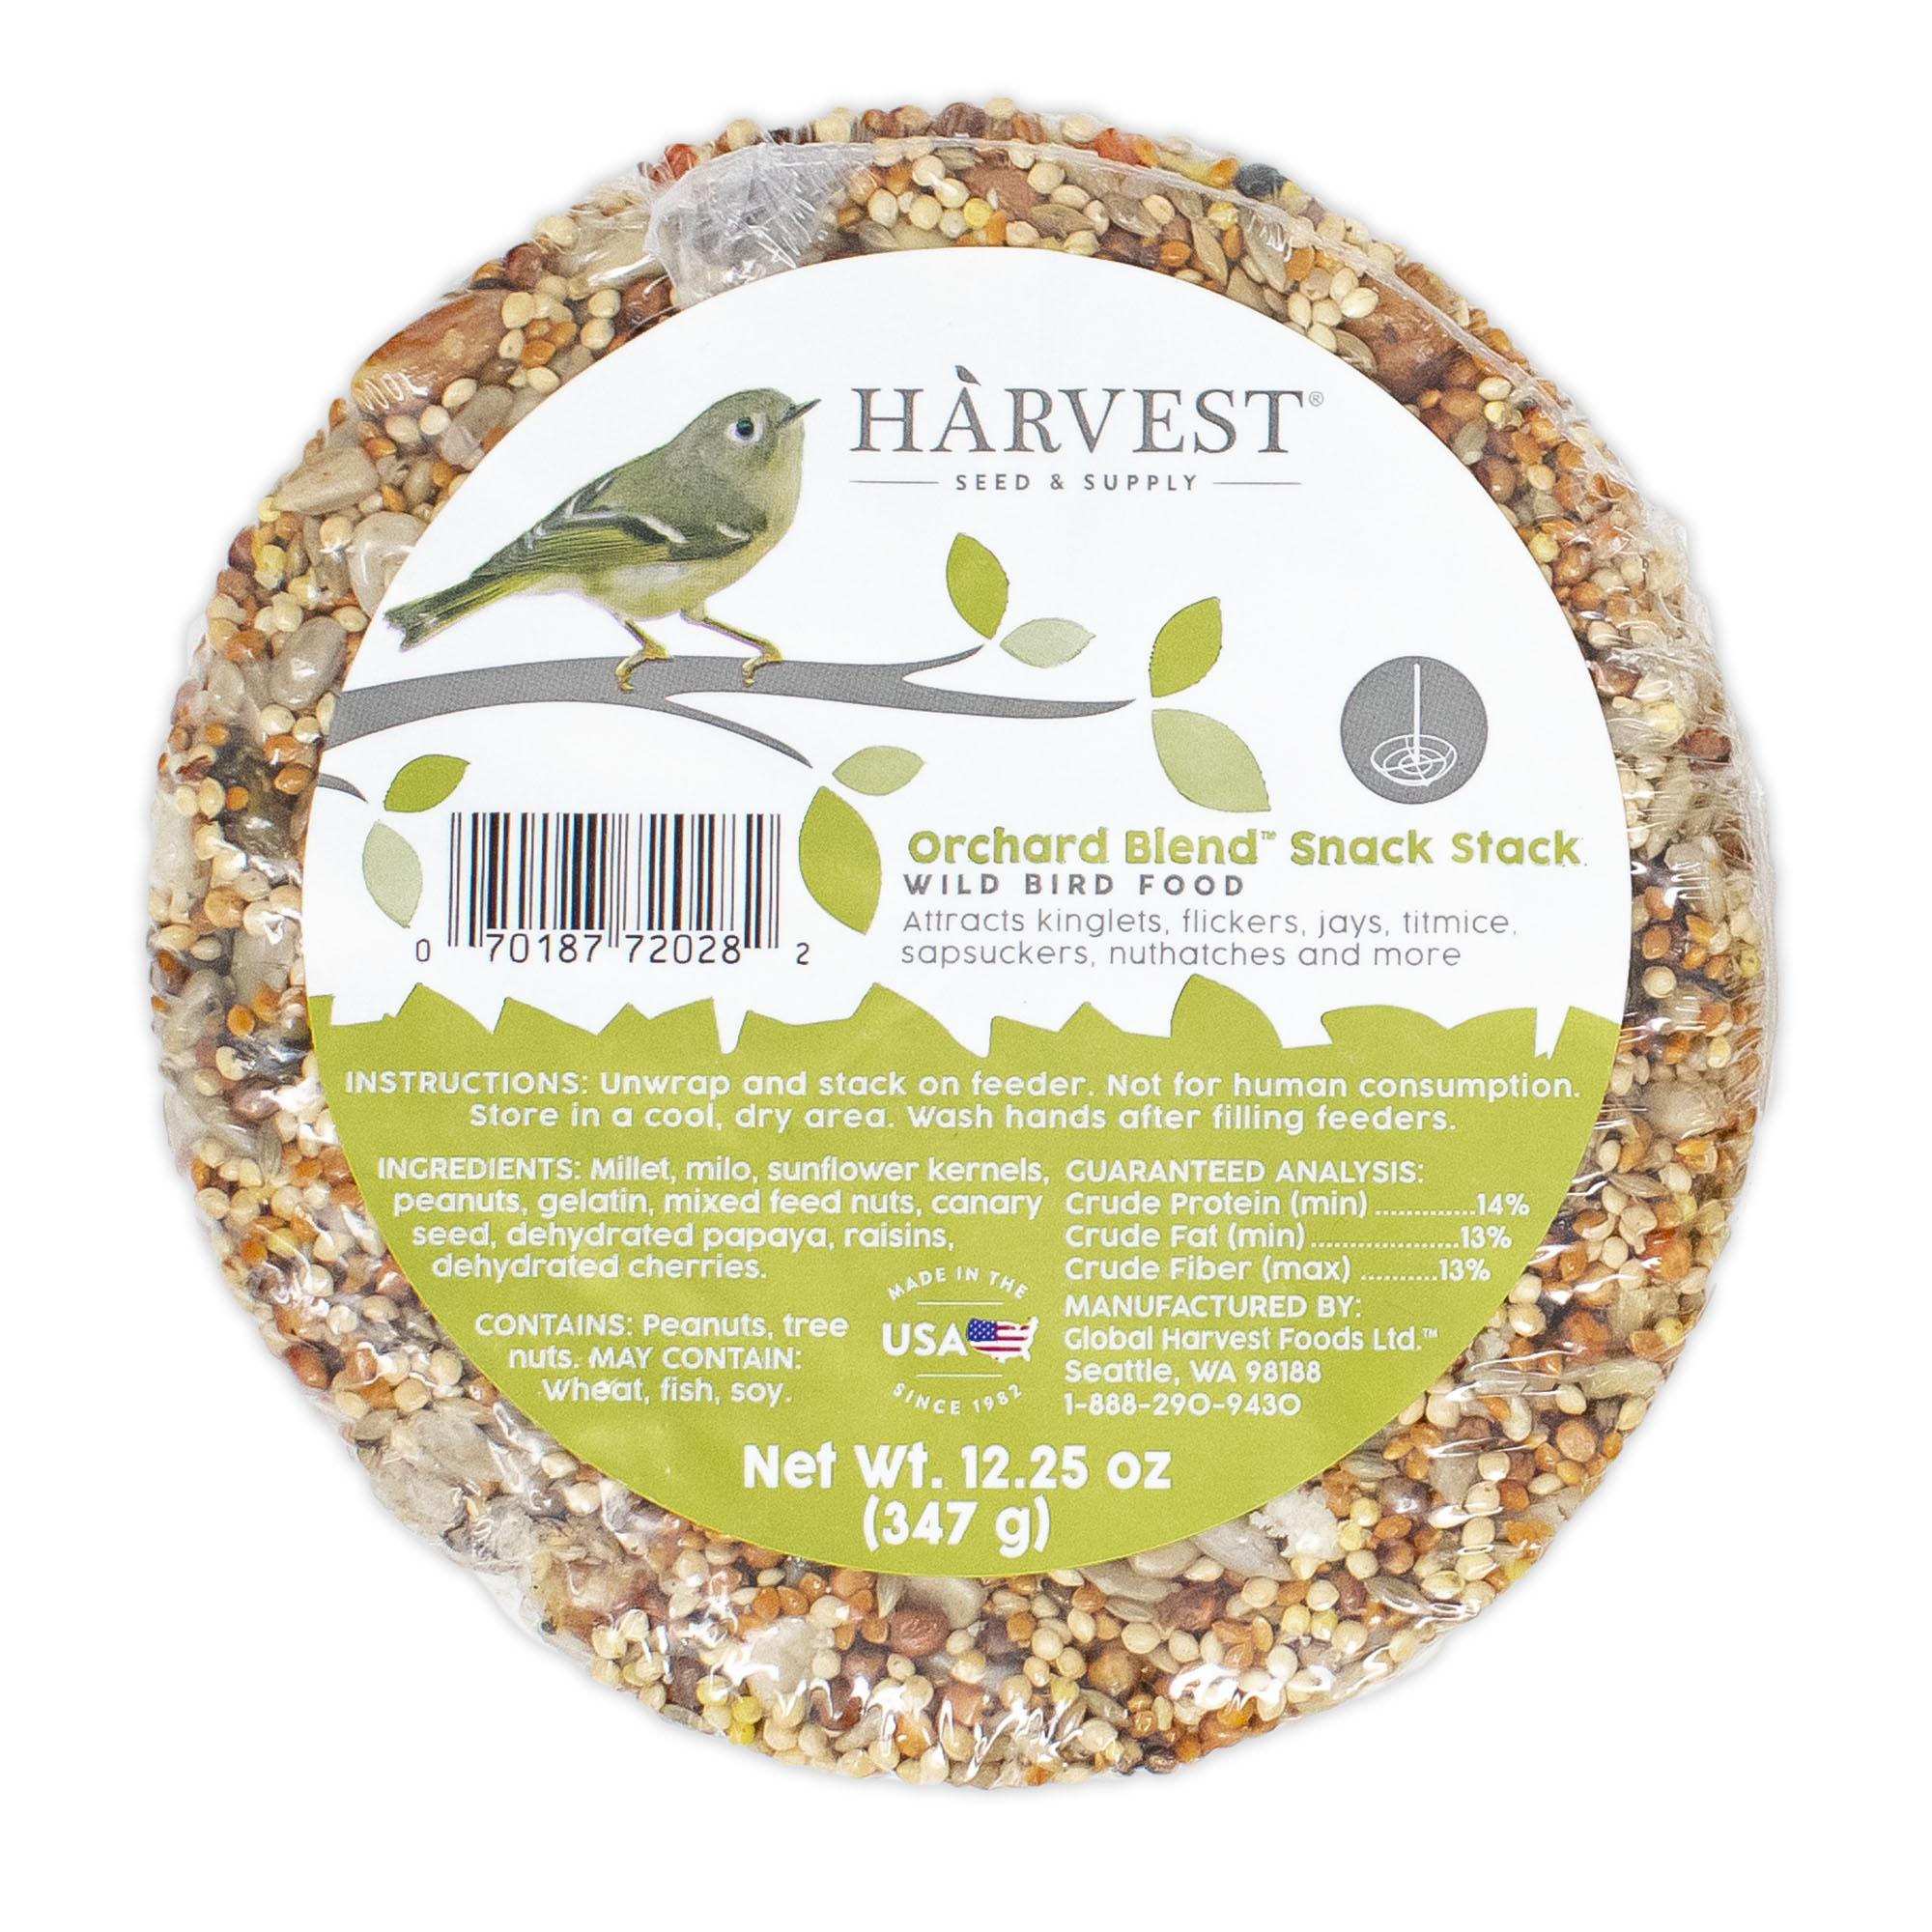 Orchard Blend™ Snack Stack Image